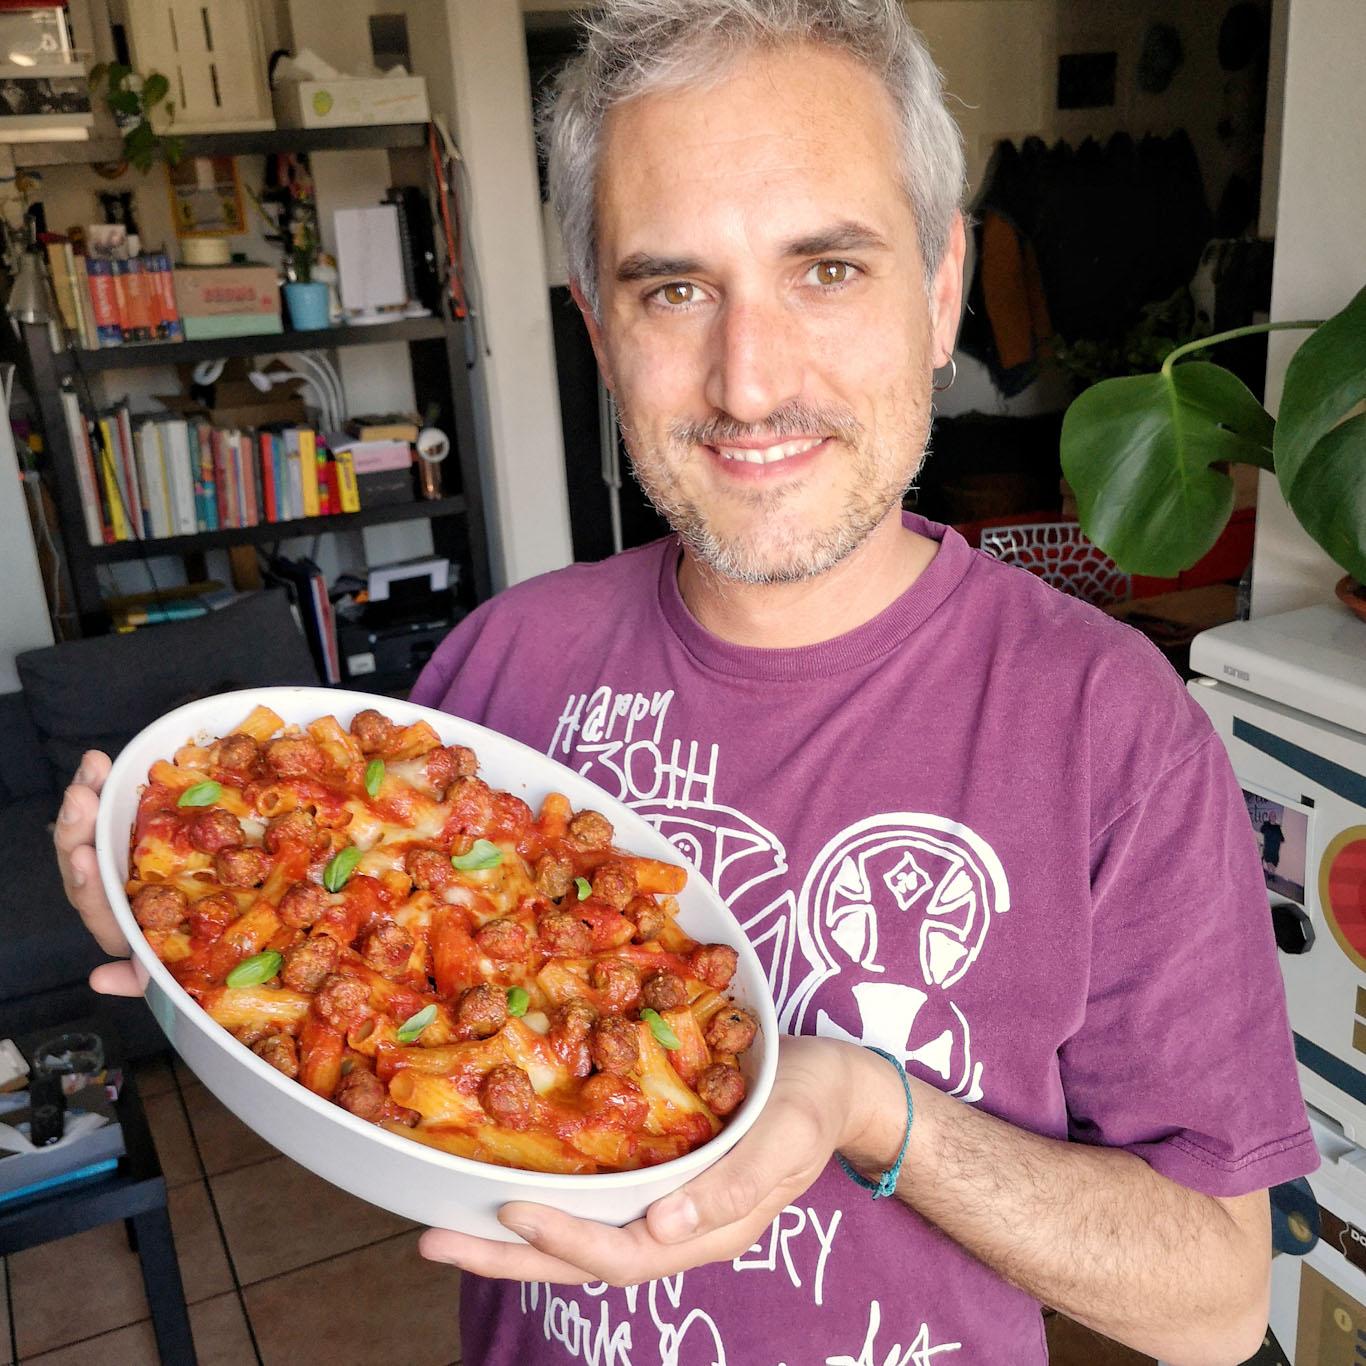 Alessandro Gerbino foodblogger Milano - La pasta al forno con polpette per il pranzo della domenica